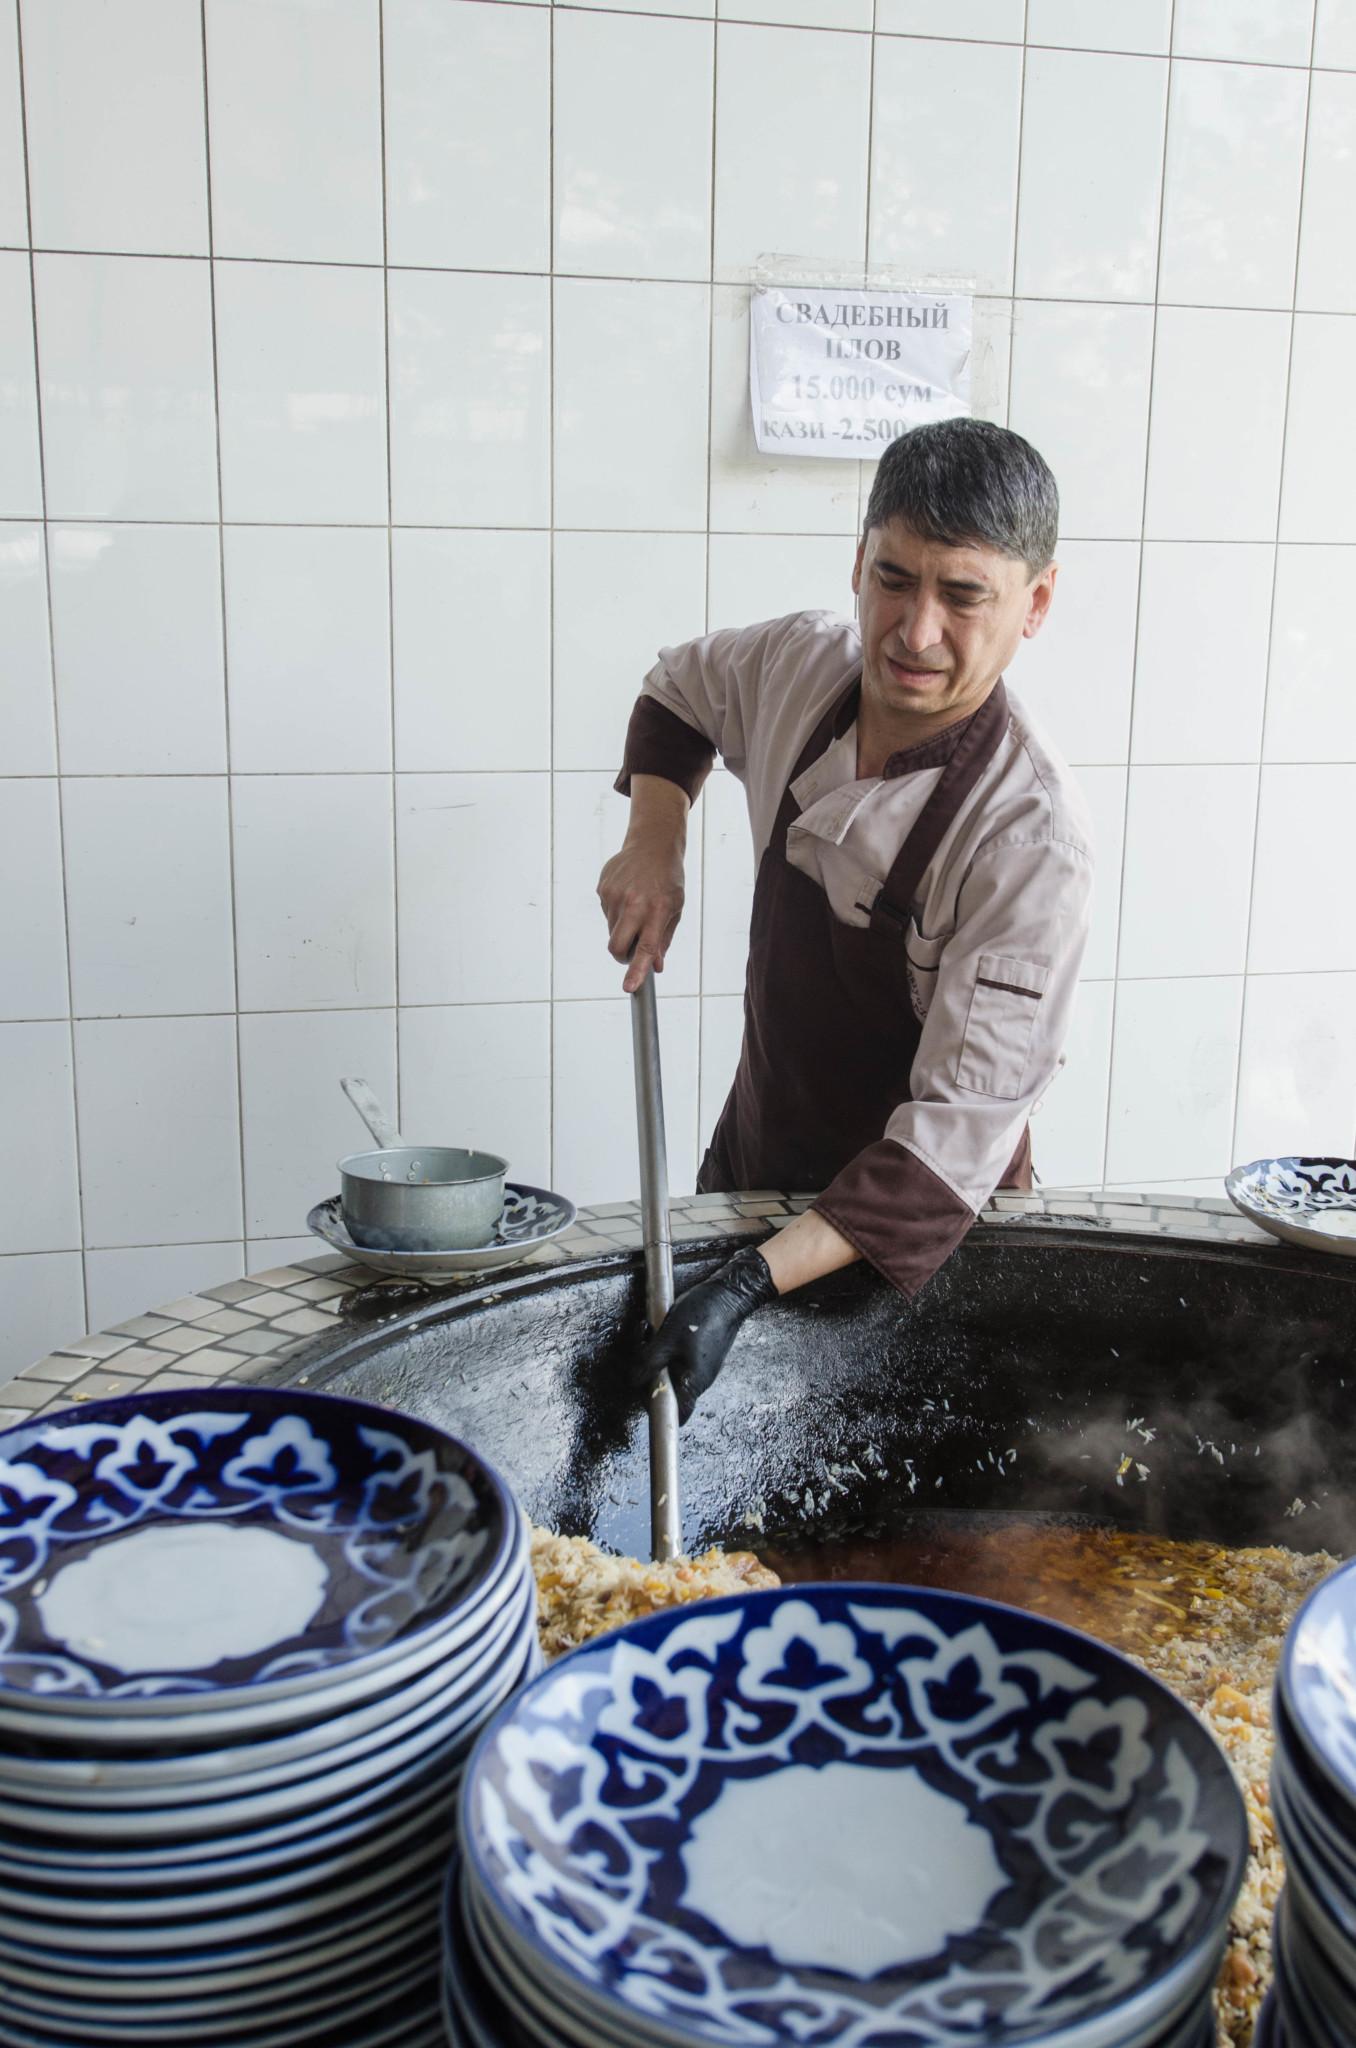 Das Nationalgericht in Usbekistan ist Pilaw